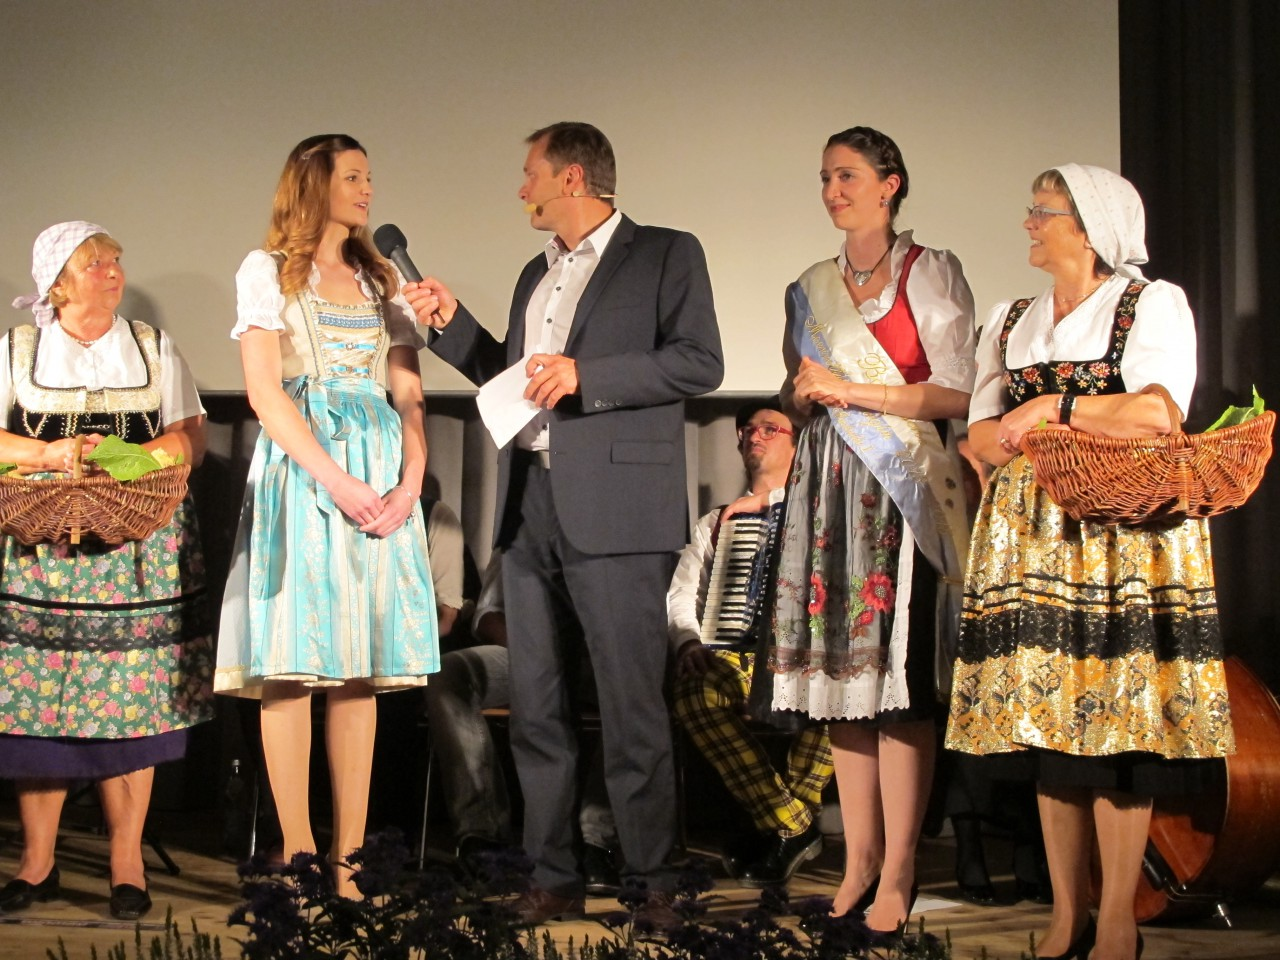 Isabella I. dankt ab. Bis 2017 wird Christine I. den Bayerischen Meerrettich repräsentieren.